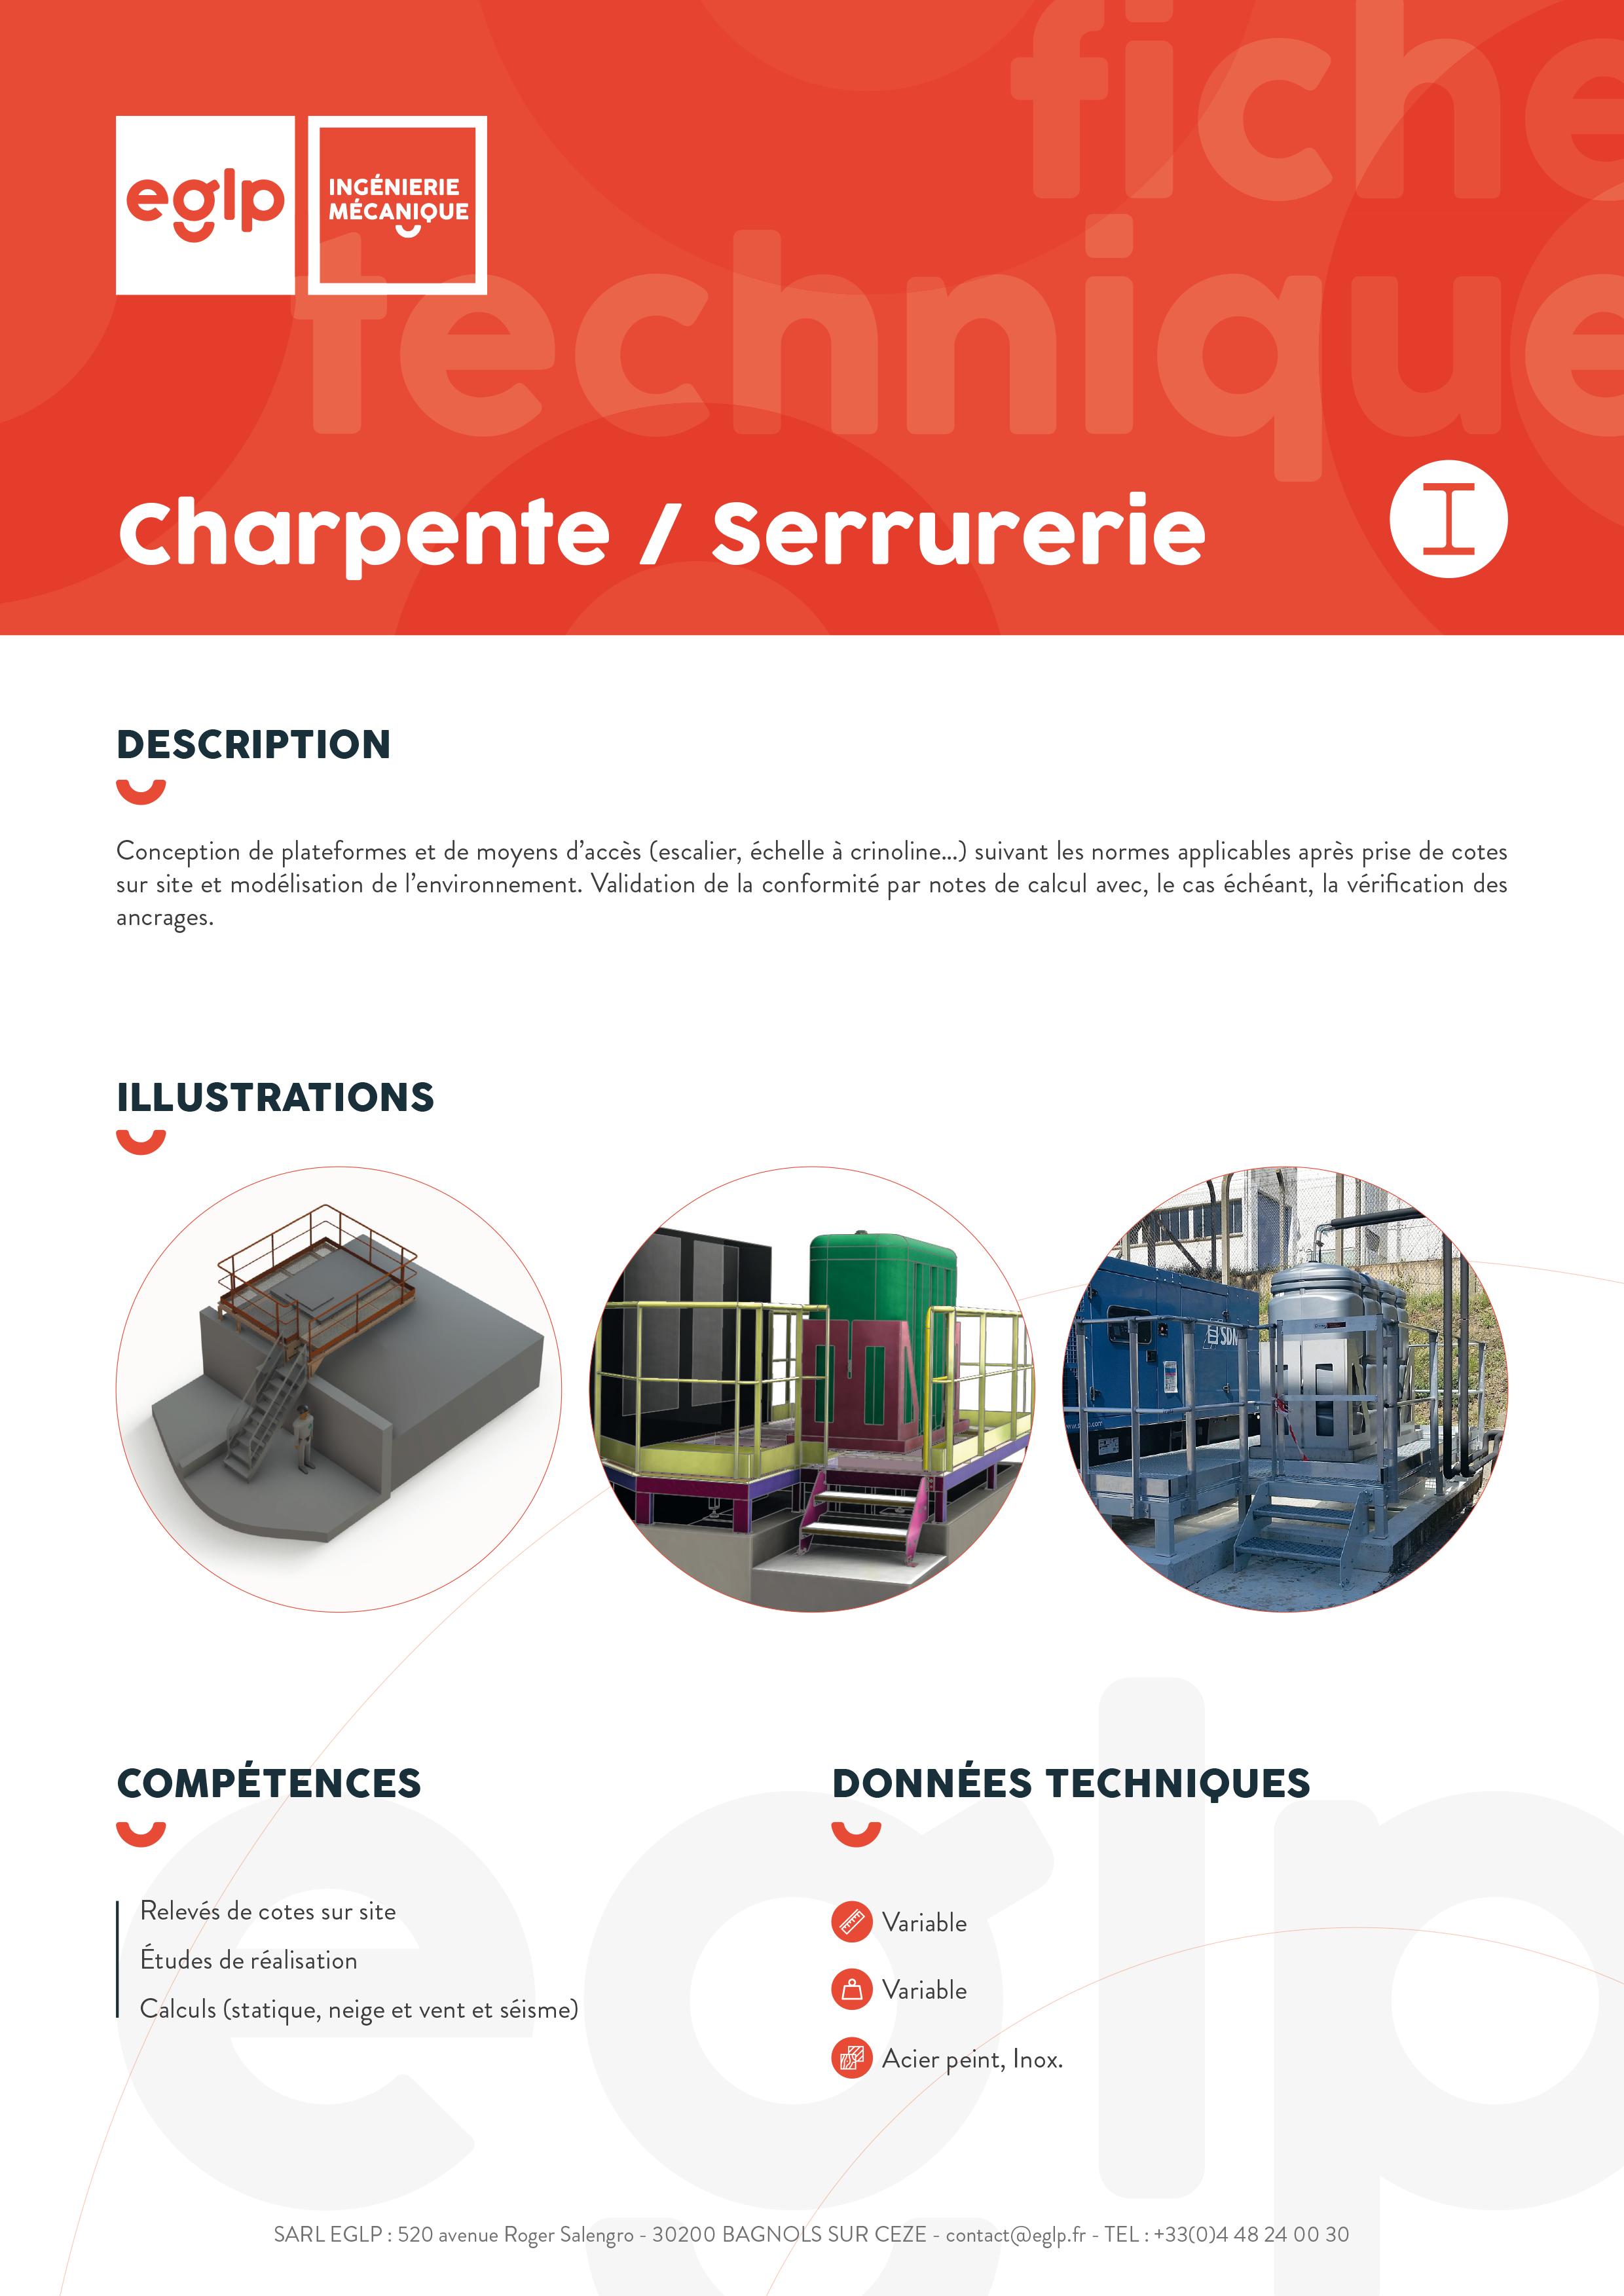 Charpente-serrurerie